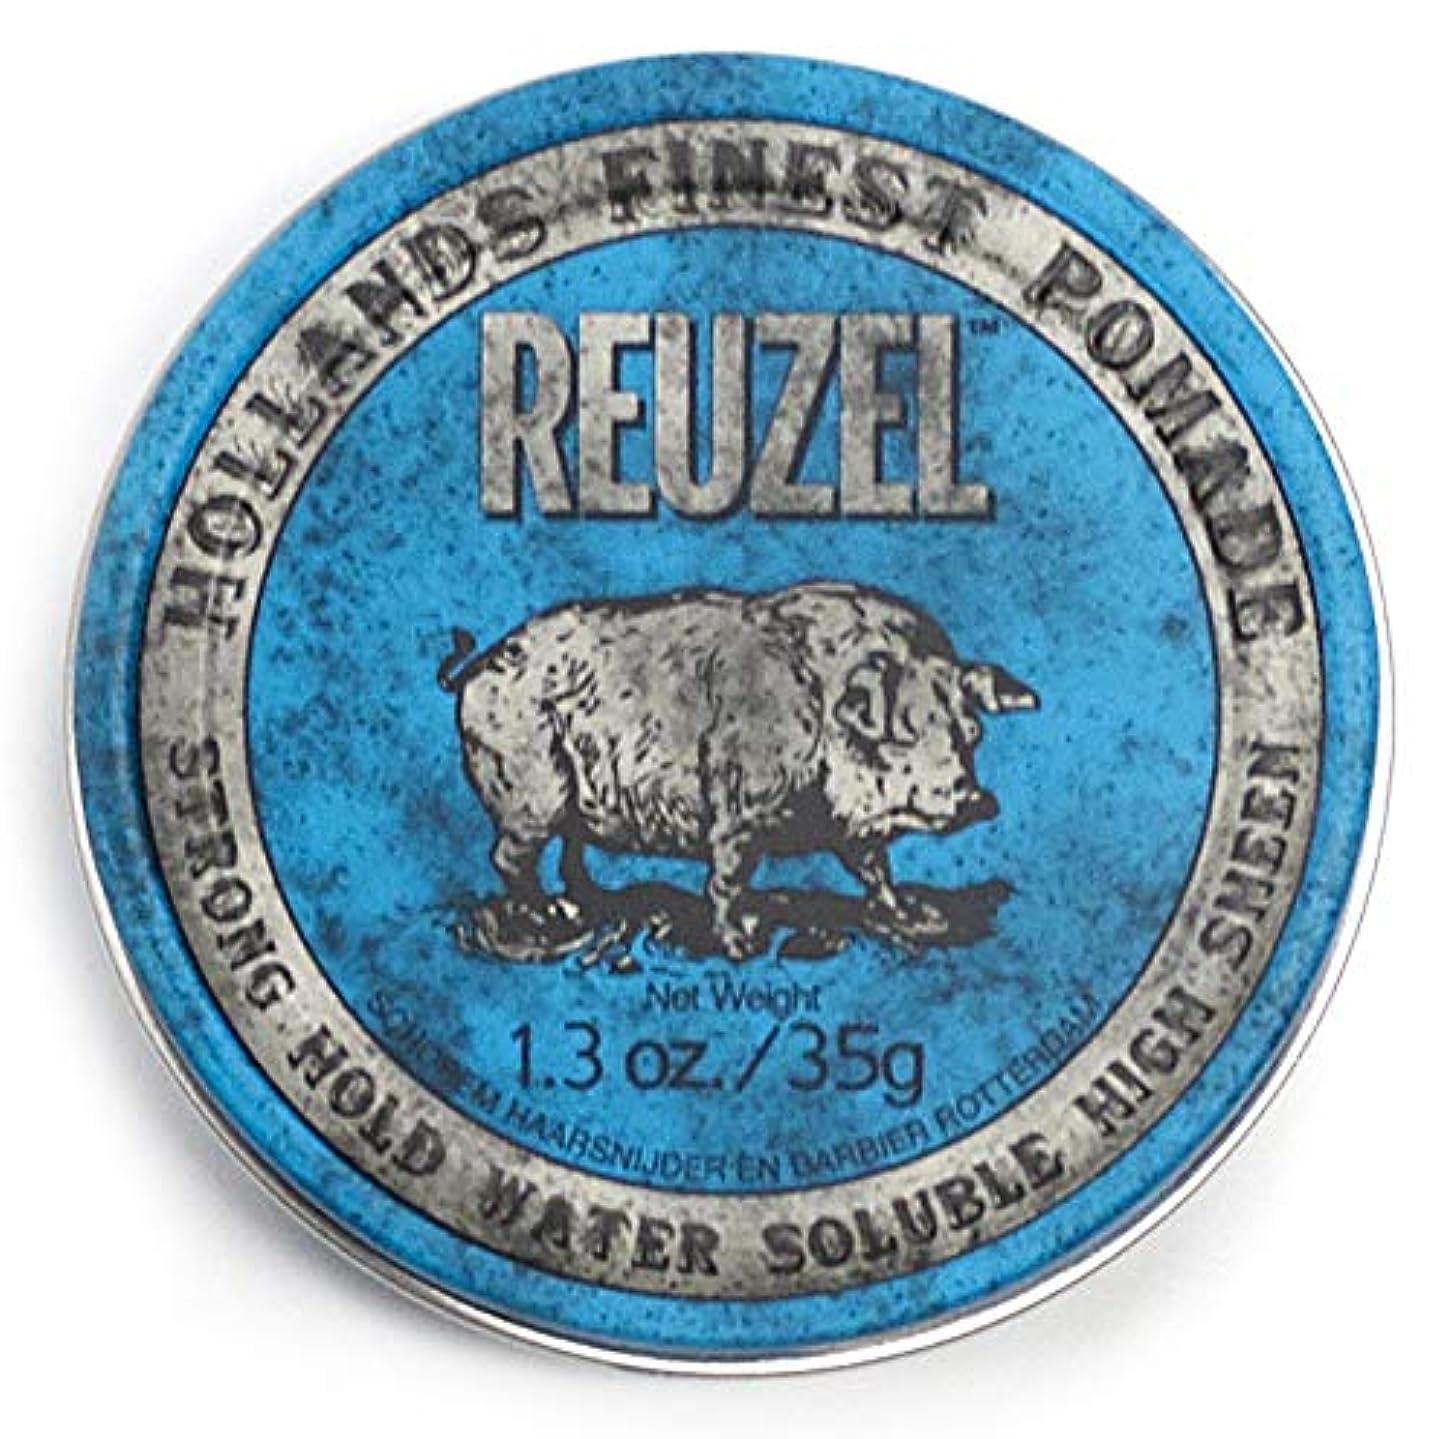 利点練習旅ルーゾー ブル ストロングホールド ハイシーン ポマード Reuzel Blue Strong Hold Water Soluble High Sheen Pomade 35 g [並行輸入品]